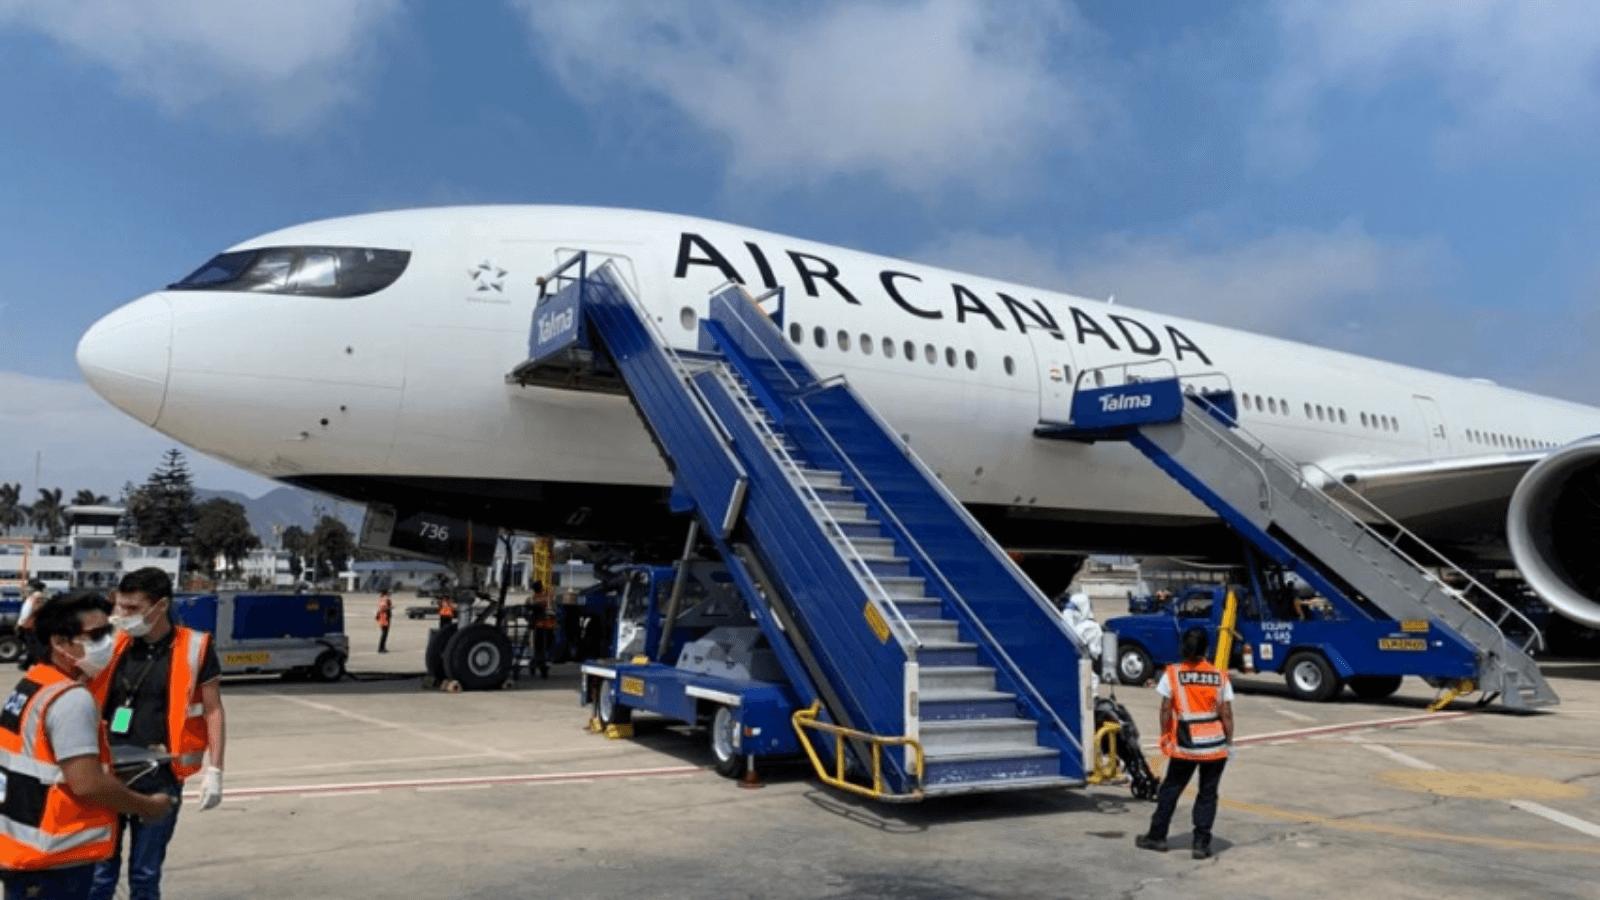 Air Canadá Más de 16.500 trabajadores fueron despedidos temporalmente como consecuencia de la suspensión de vuelos por el coronavirus 3